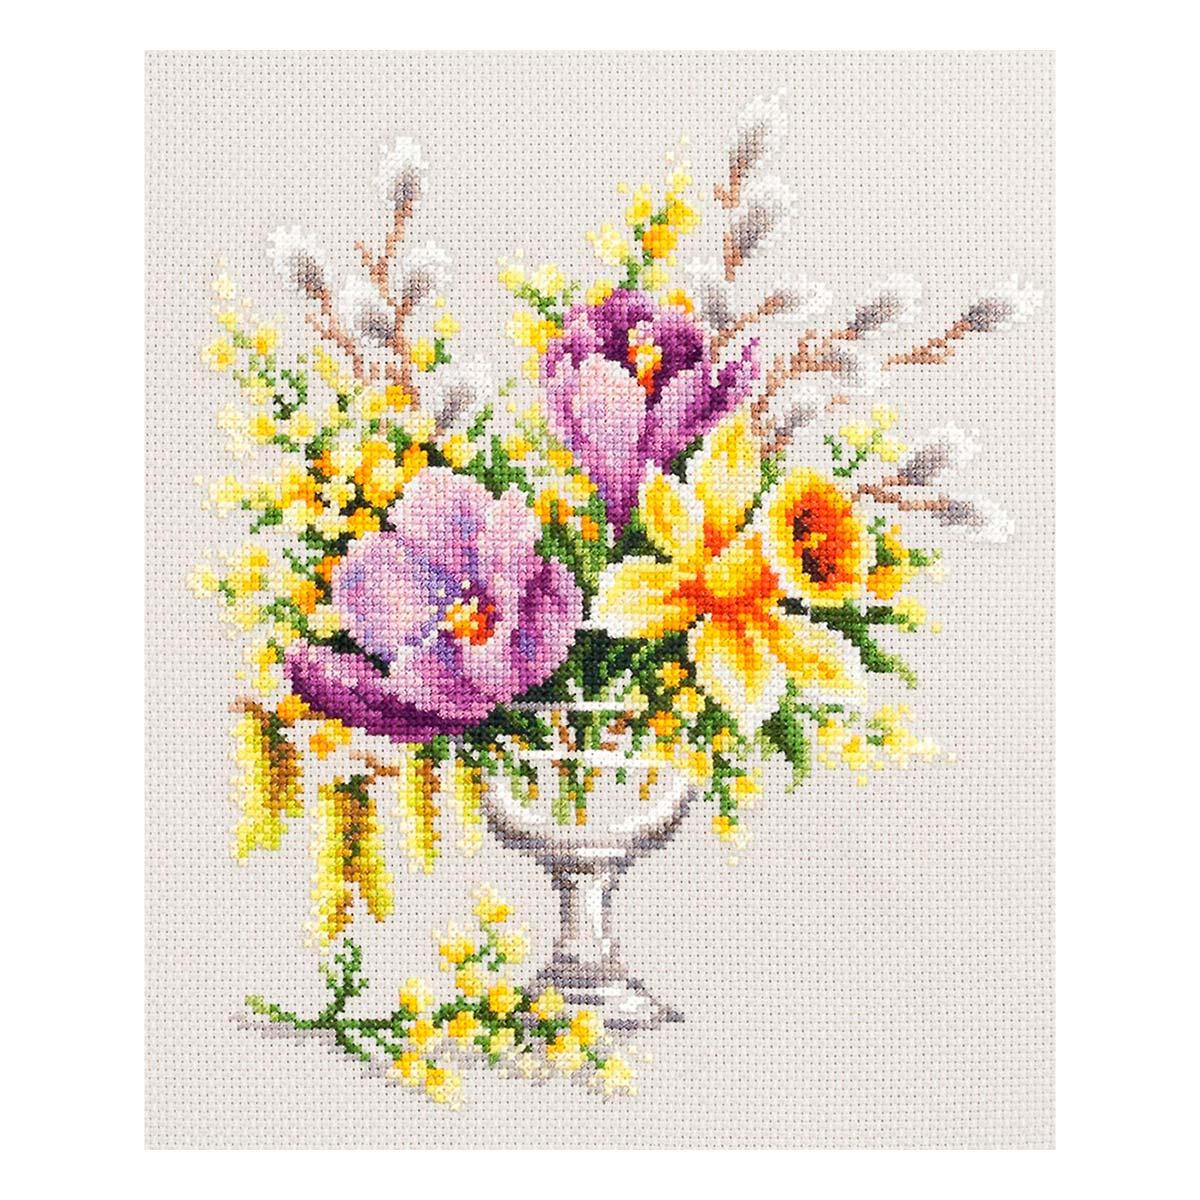 100-002 Набор для вышивания Чудесная игла 'Весенний букетик' 20 х 23см